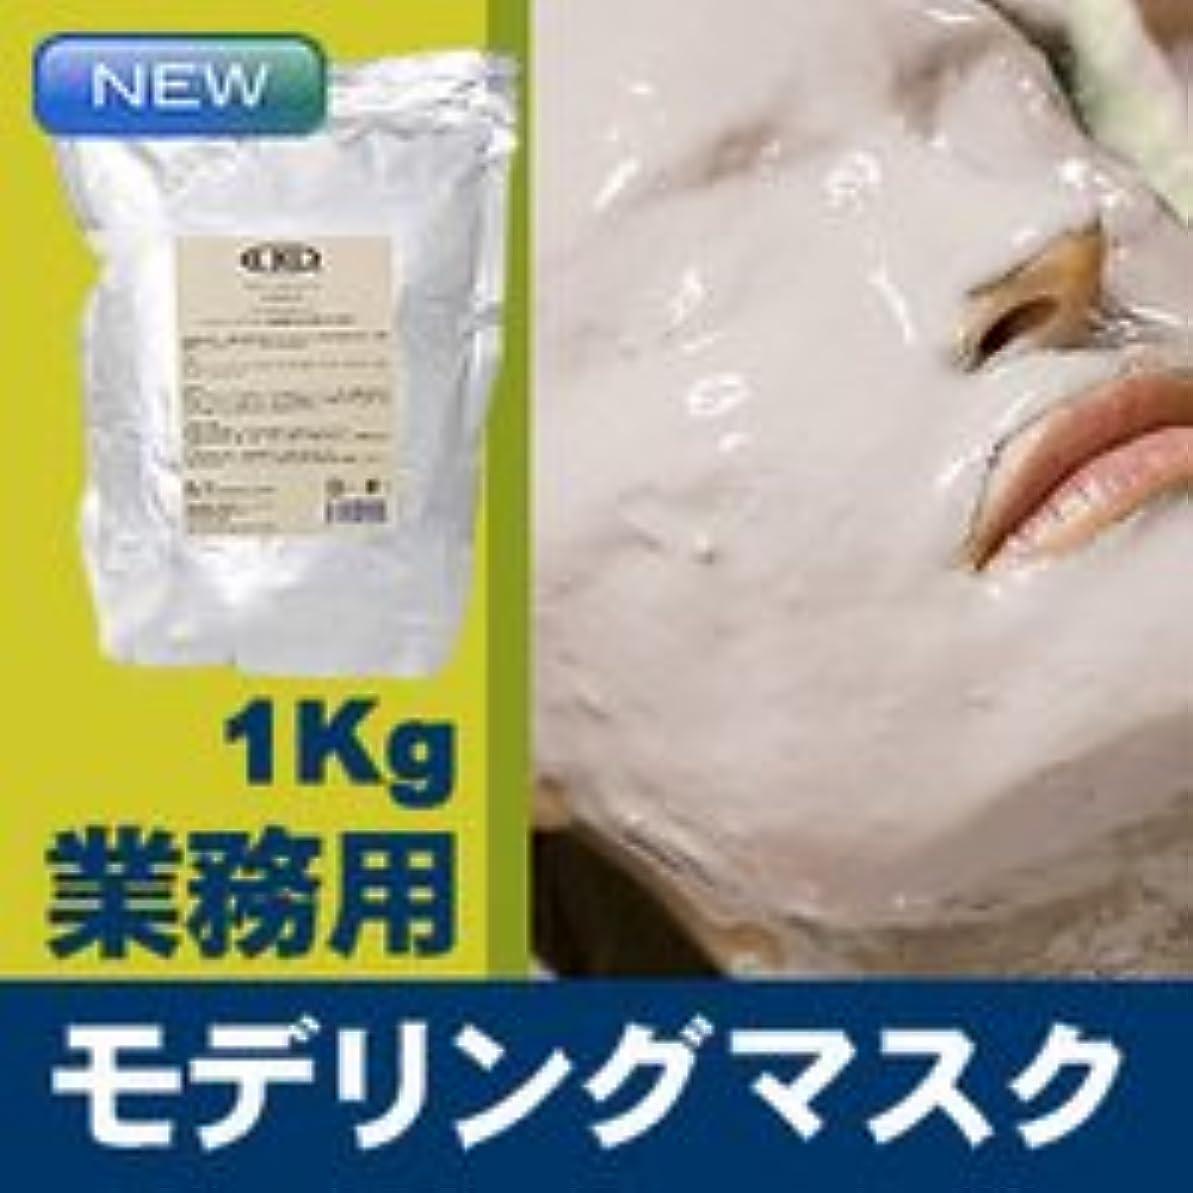 待ってブラウザ再編成するモデリングマスク 1Kg ビタミンC配合(ゴールデンオレンジ) / フェイスマスク?パック 【ピールオフマスク】